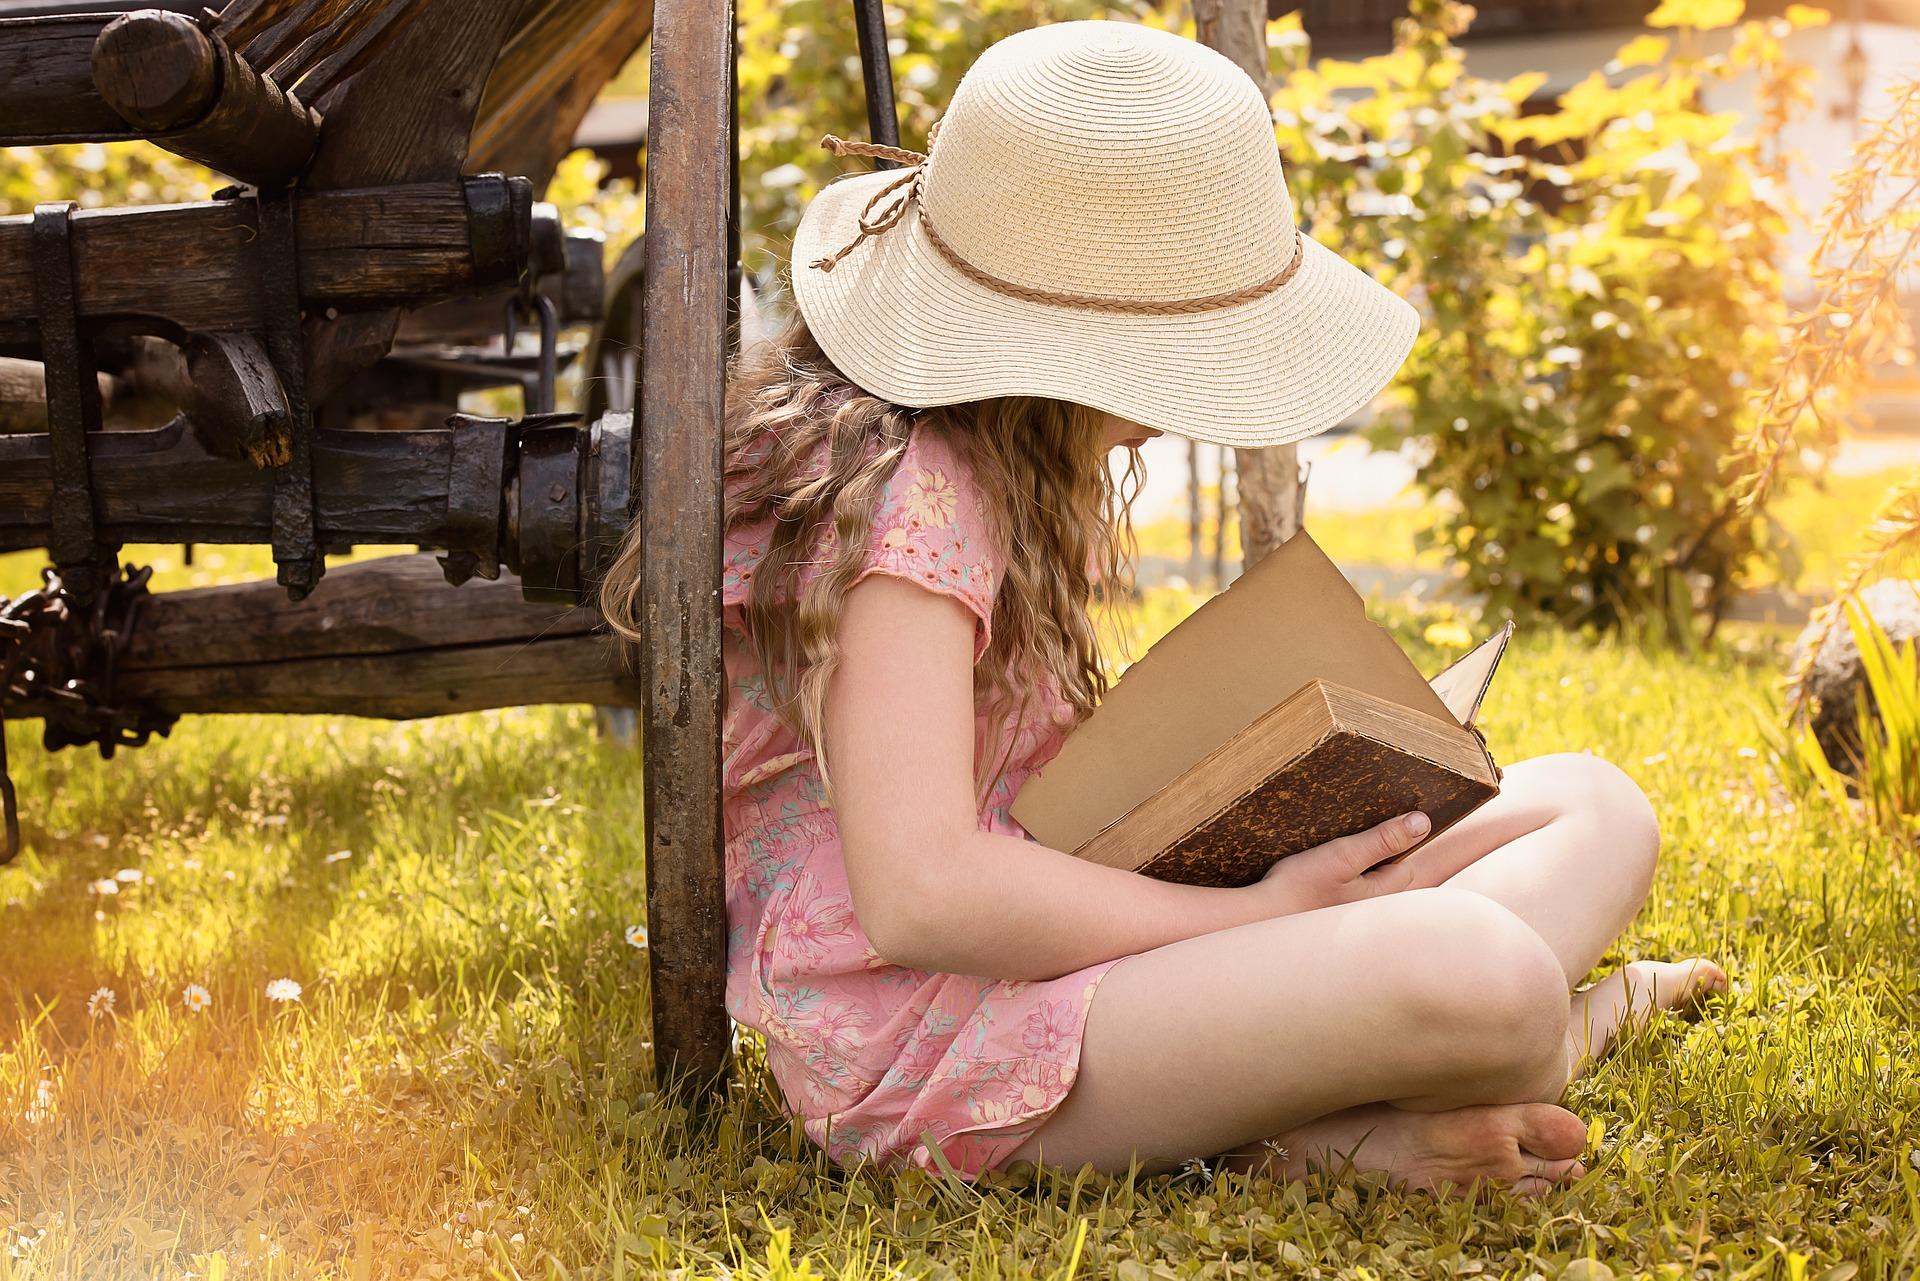 ce învață un copil din povești